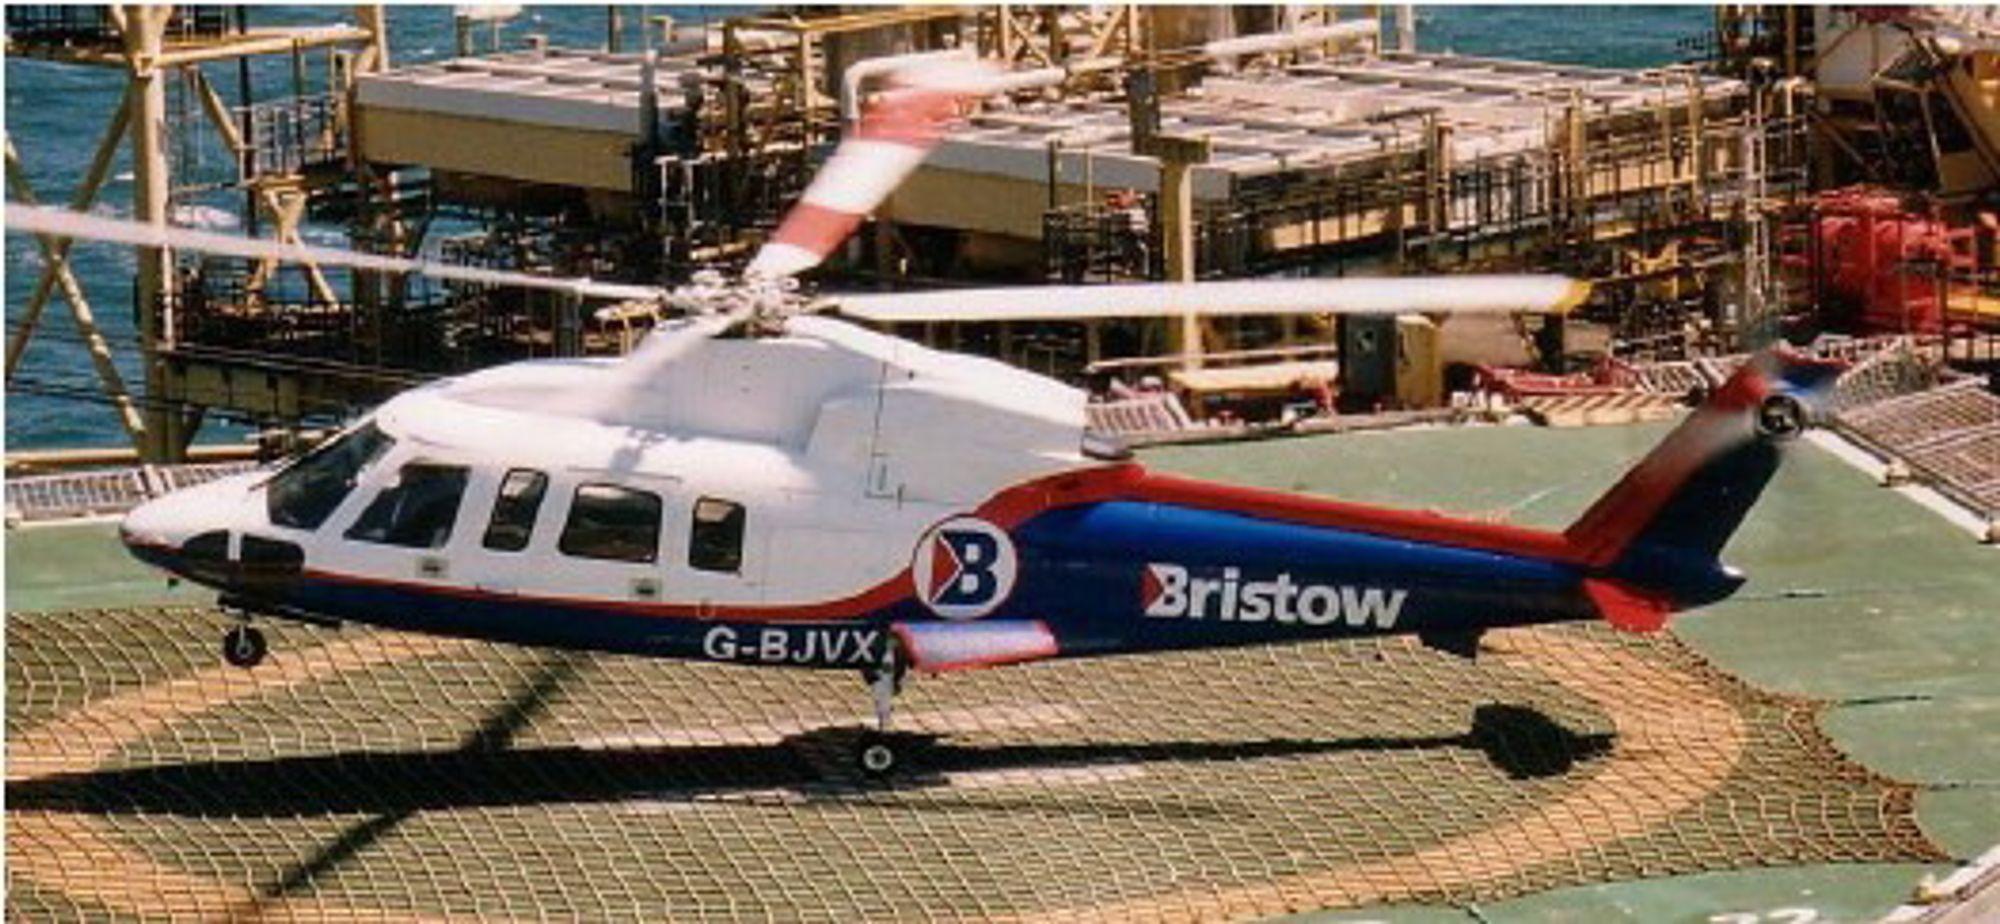 Dette Sikorsky S-76-helikopteret fra Bristow havarerte på vei til Norwich i 2002 og tok livet av alle elleve om bord. Et av bladene på hovedrotoren sviktet. Trolig hadde det vært en voksende sprekk på rotorbladet i tre år før ulykken skjedde, uten at dette ble oppdaget.